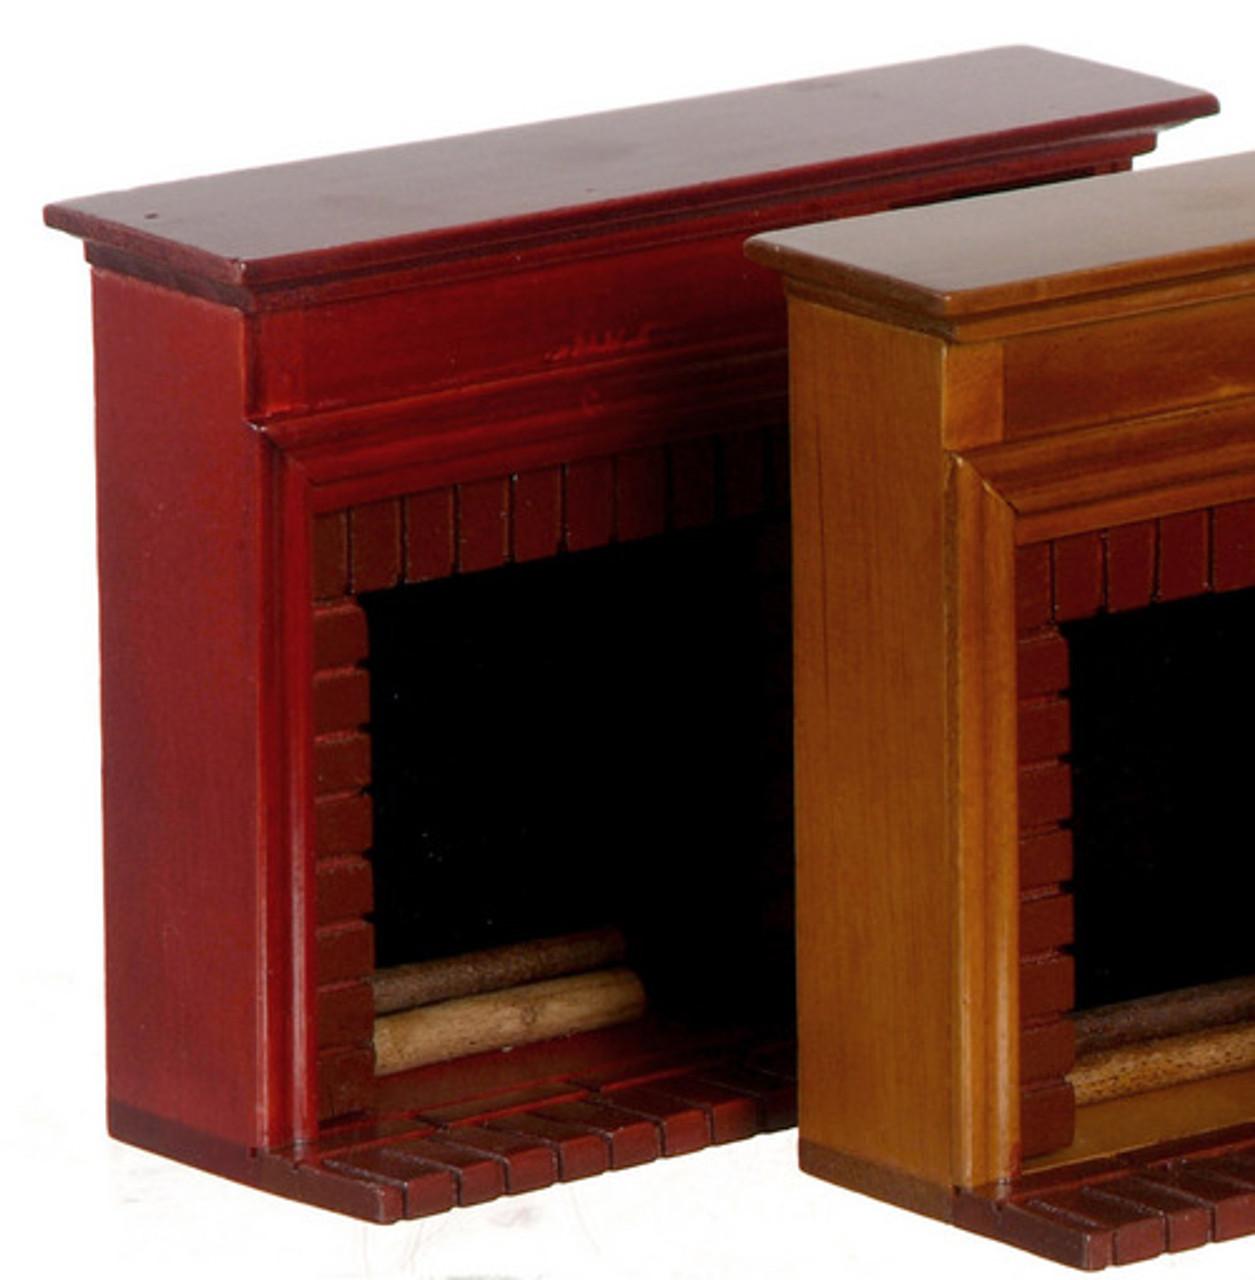 Fireplce with Shelves - Mahogany